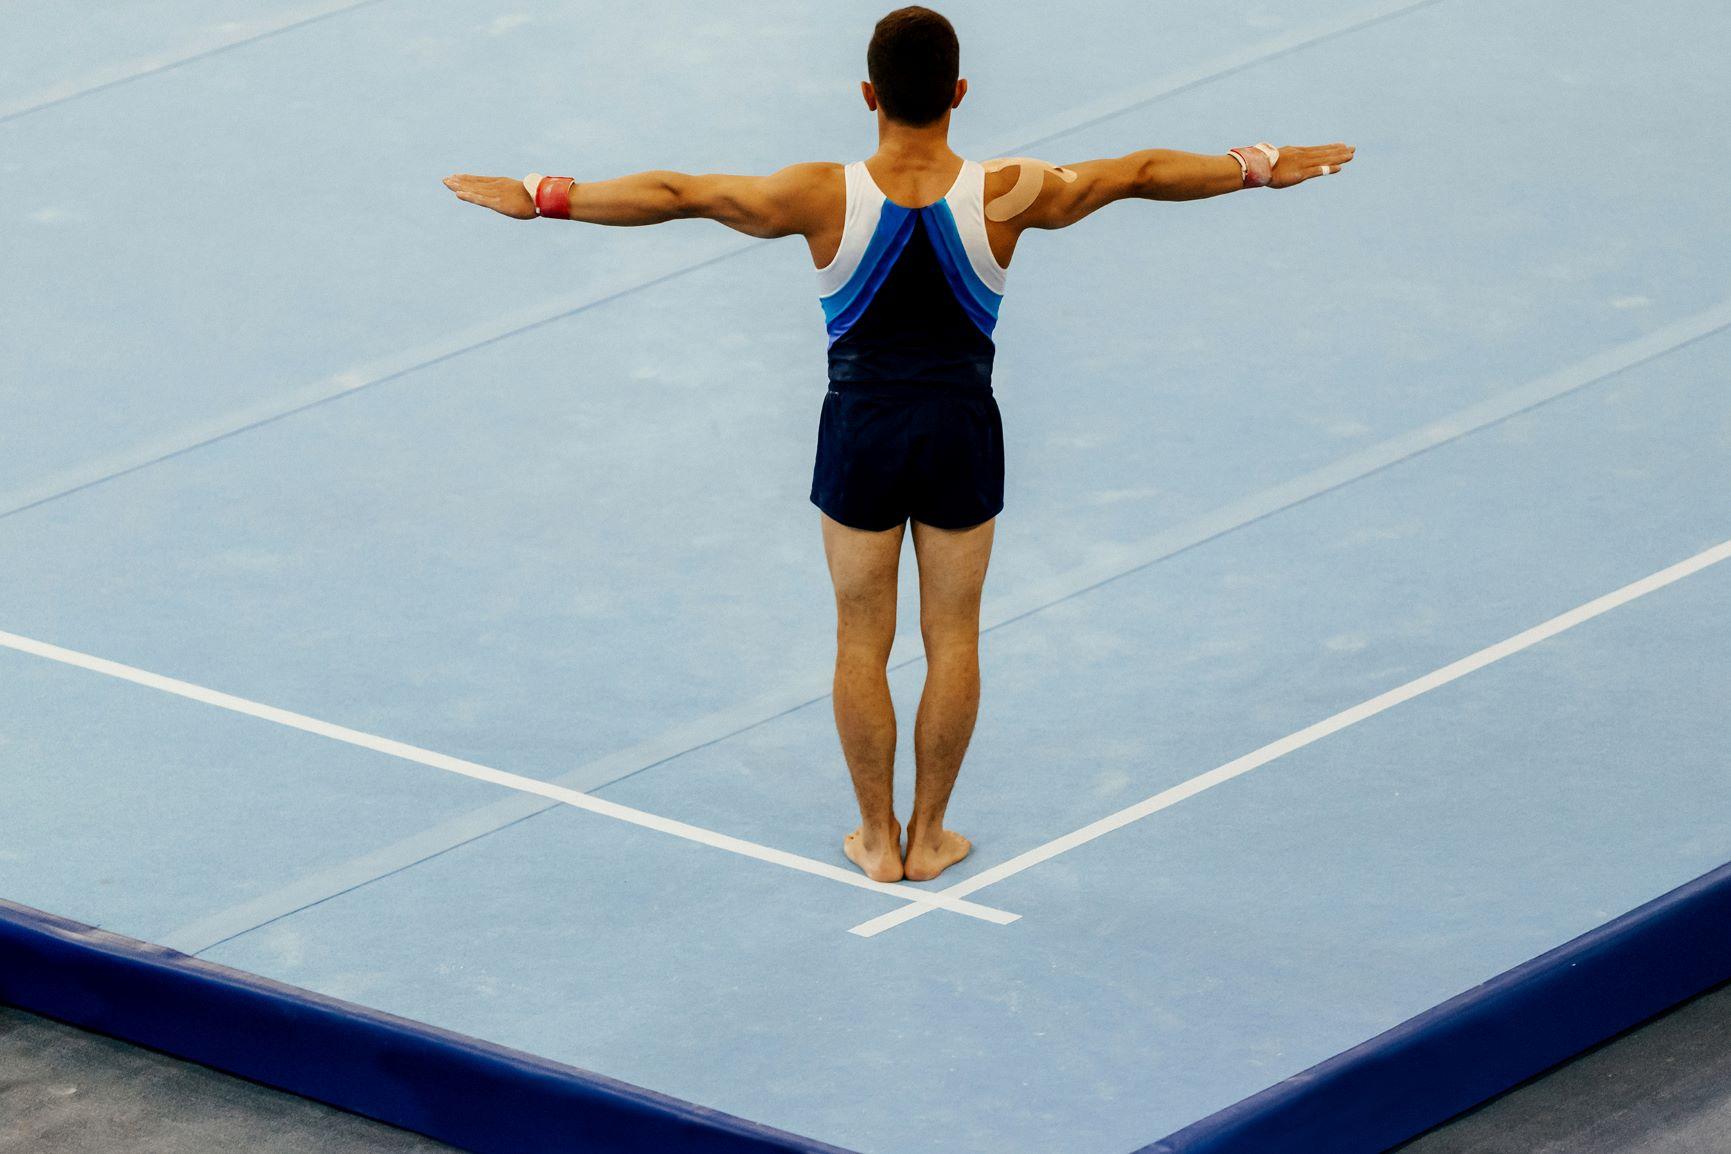 Male gymnast beginning floor routine.